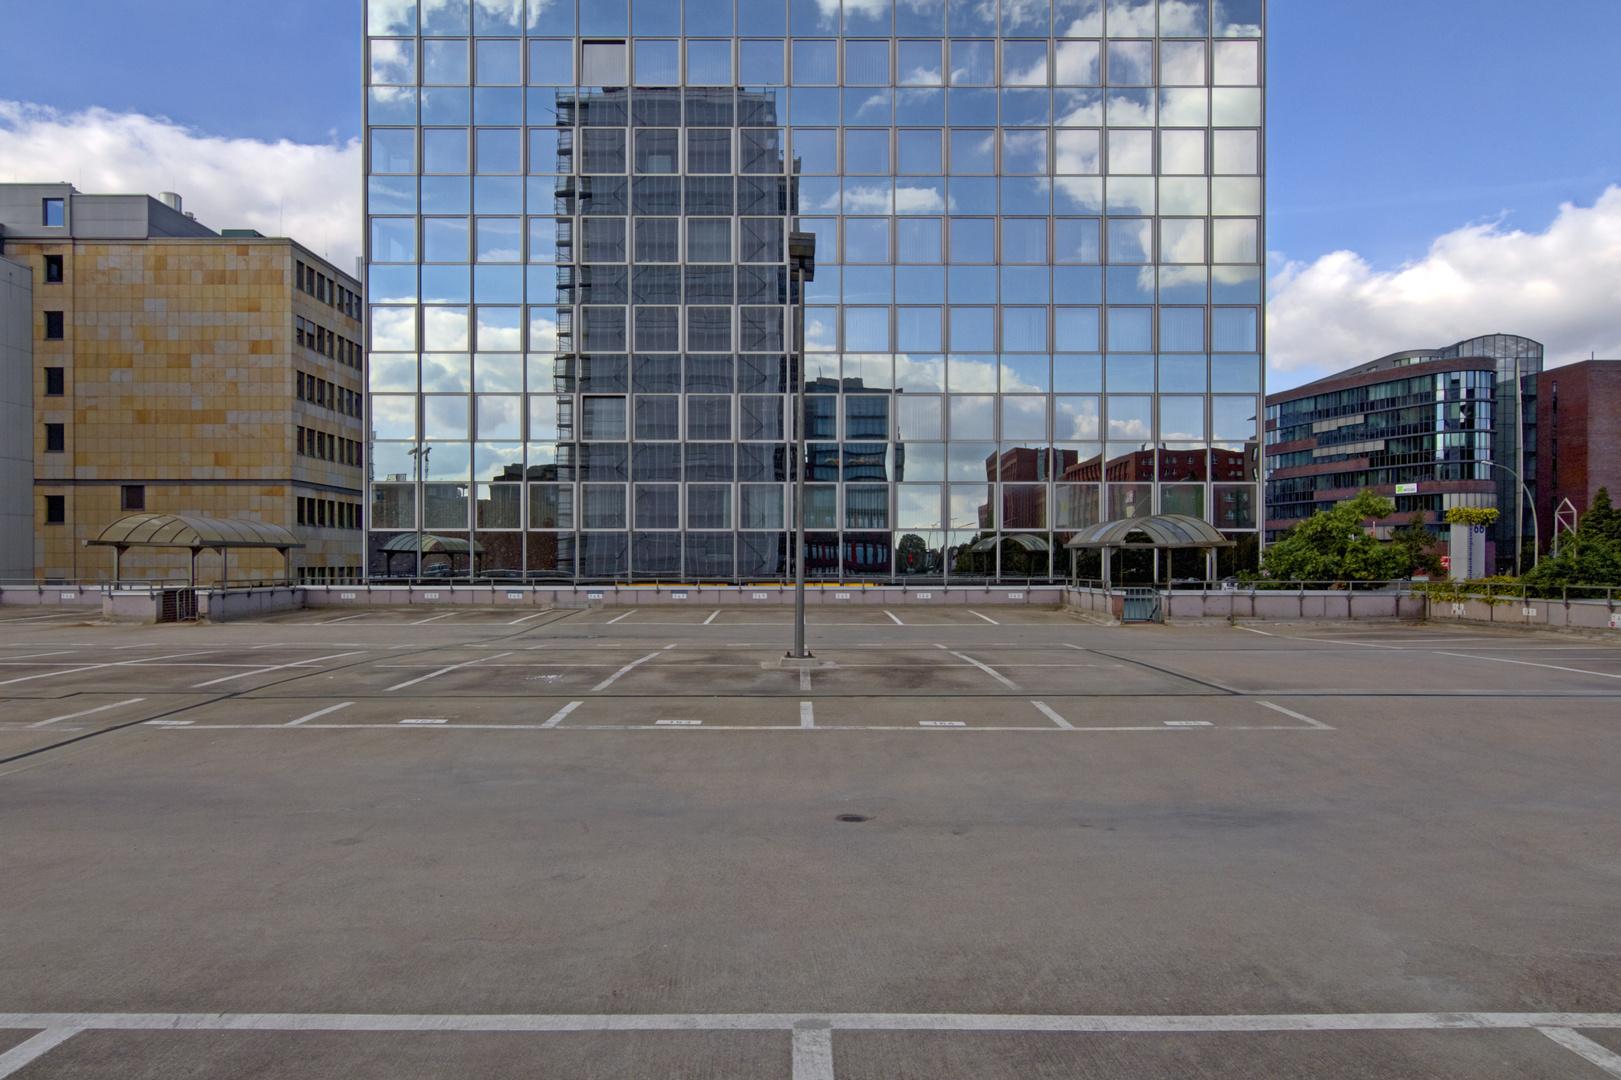 Parkplatz mit Spiegel